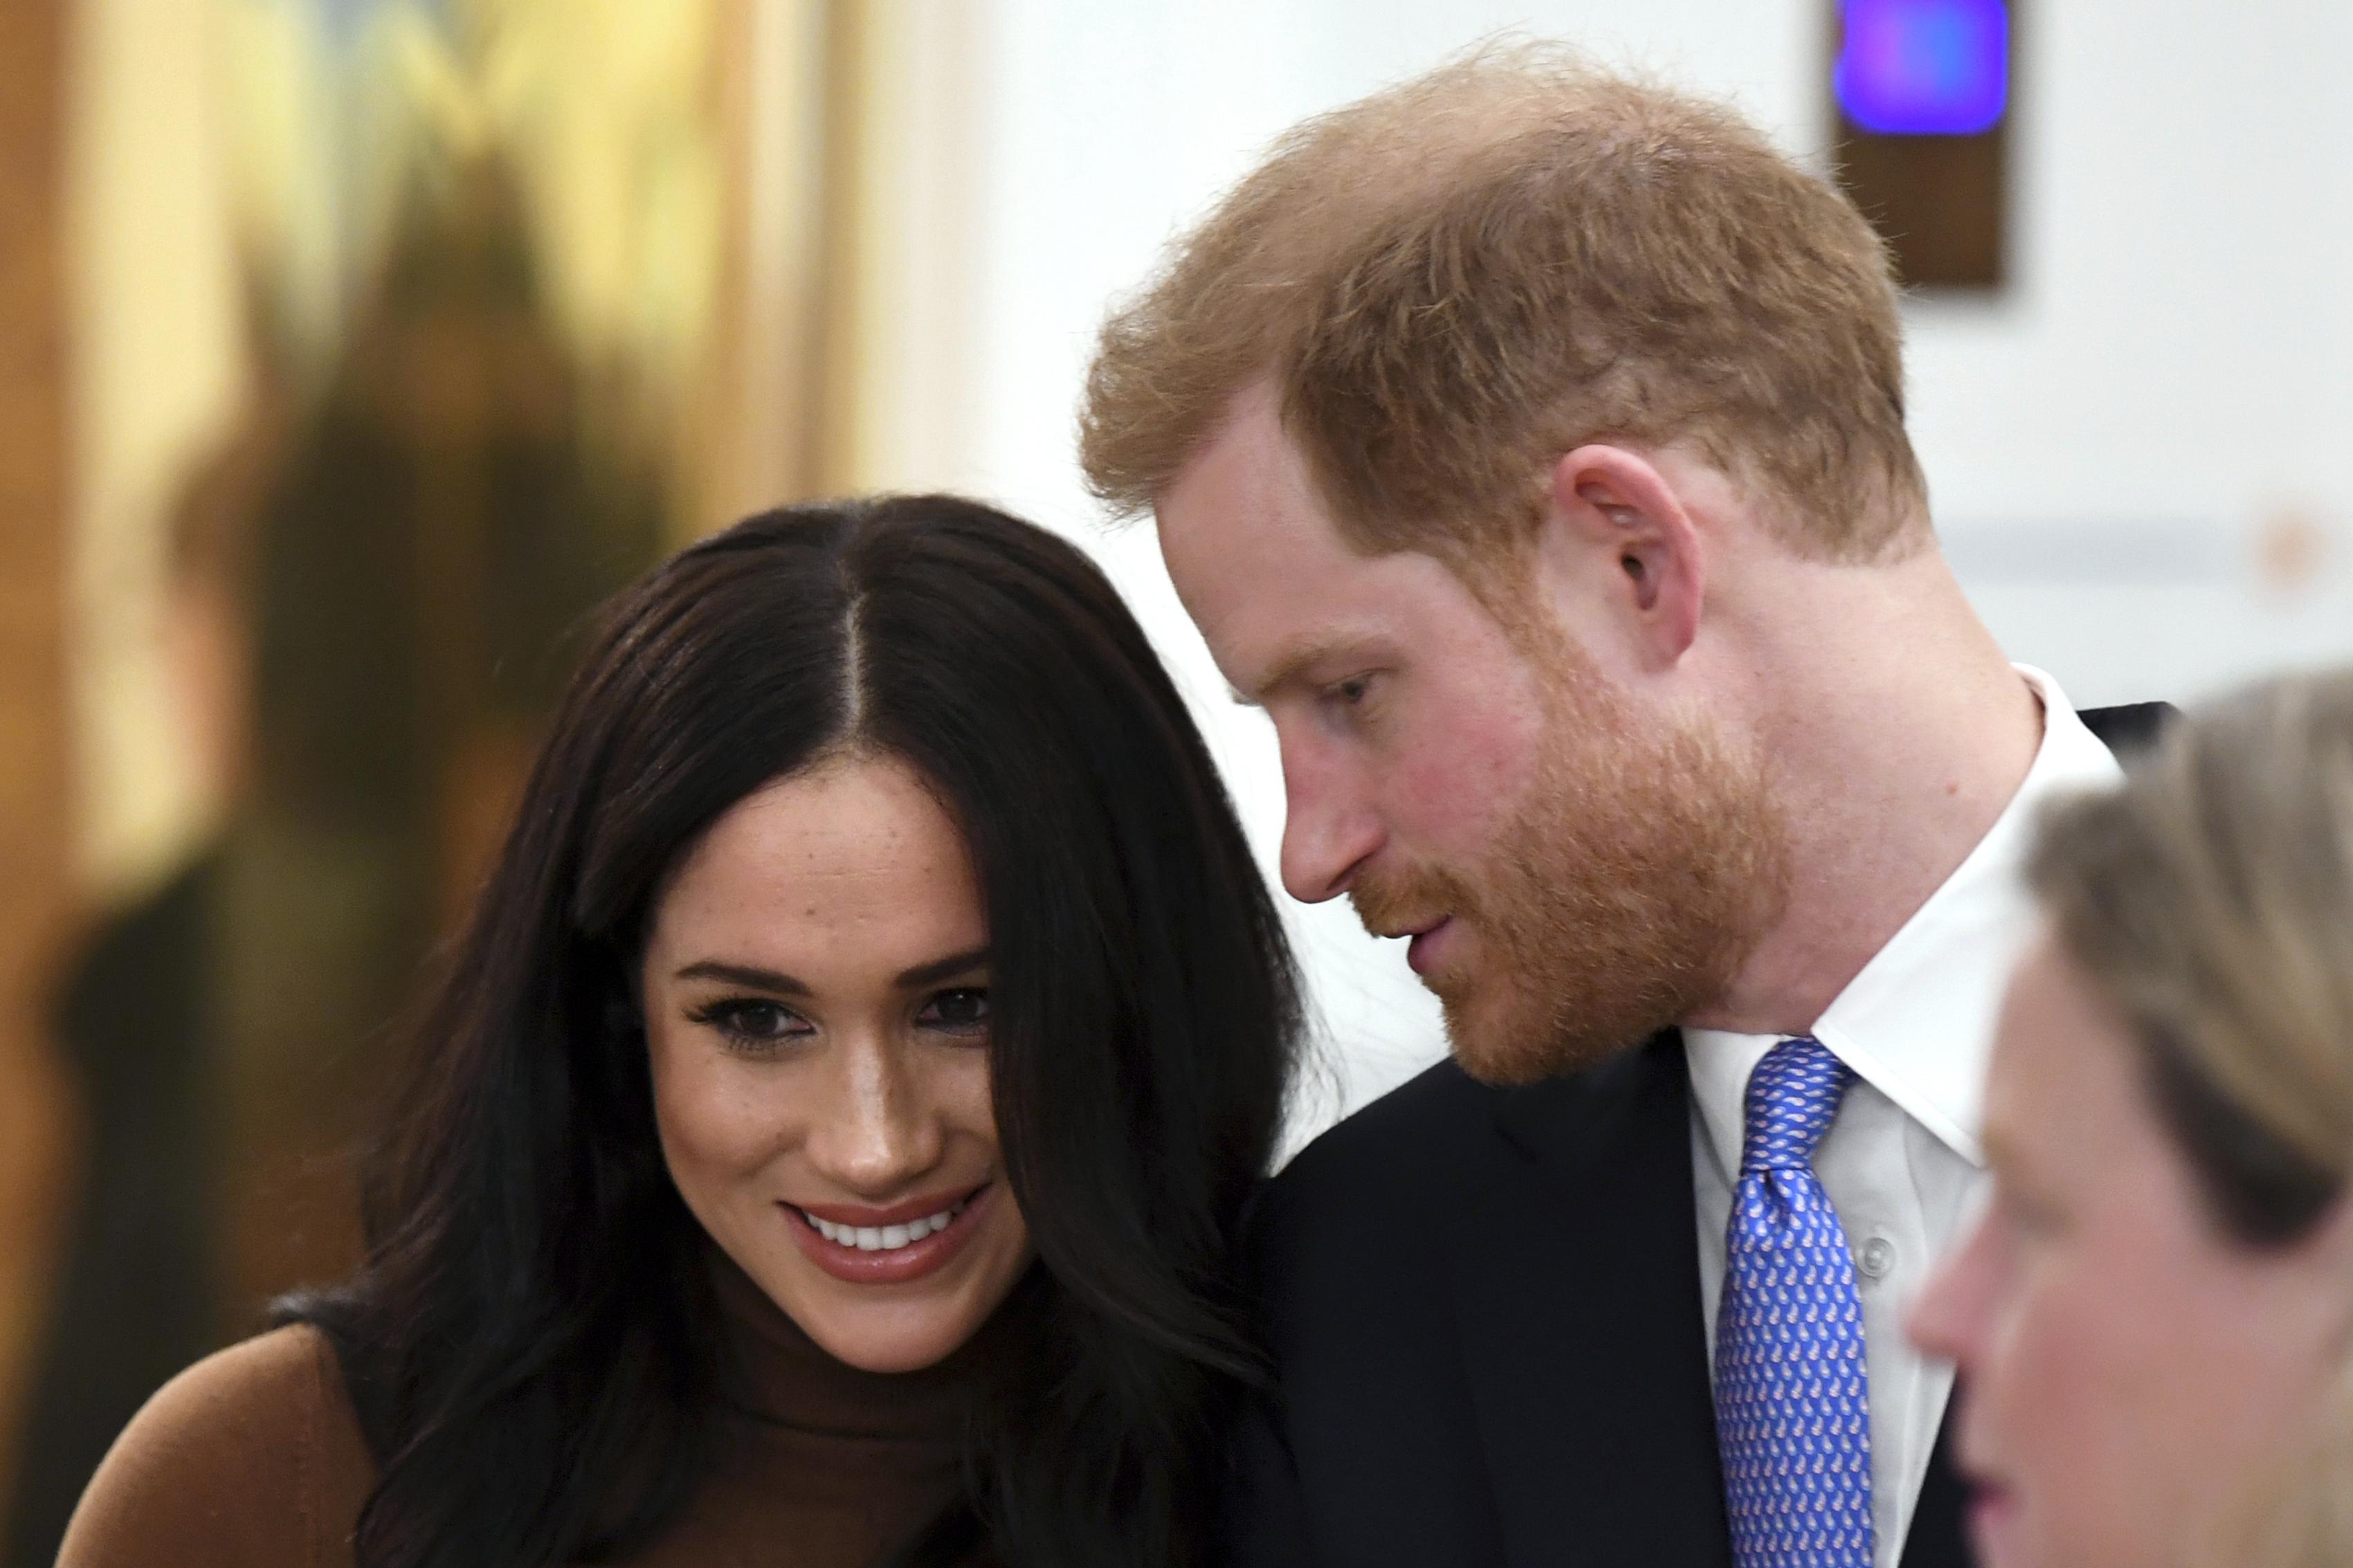 """Seis meses después de su boda, Meghan se había convertido en blanco de críticas, por parte de duros tabloides británicos, por tener un carácter """"demasiado fuerte"""" y """"evadir los estándares de vestir de la corona británica"""". Se dijo que su actitud había ocasionado la renuncia de algunos fieles empleados de palacio. (Archivo)"""